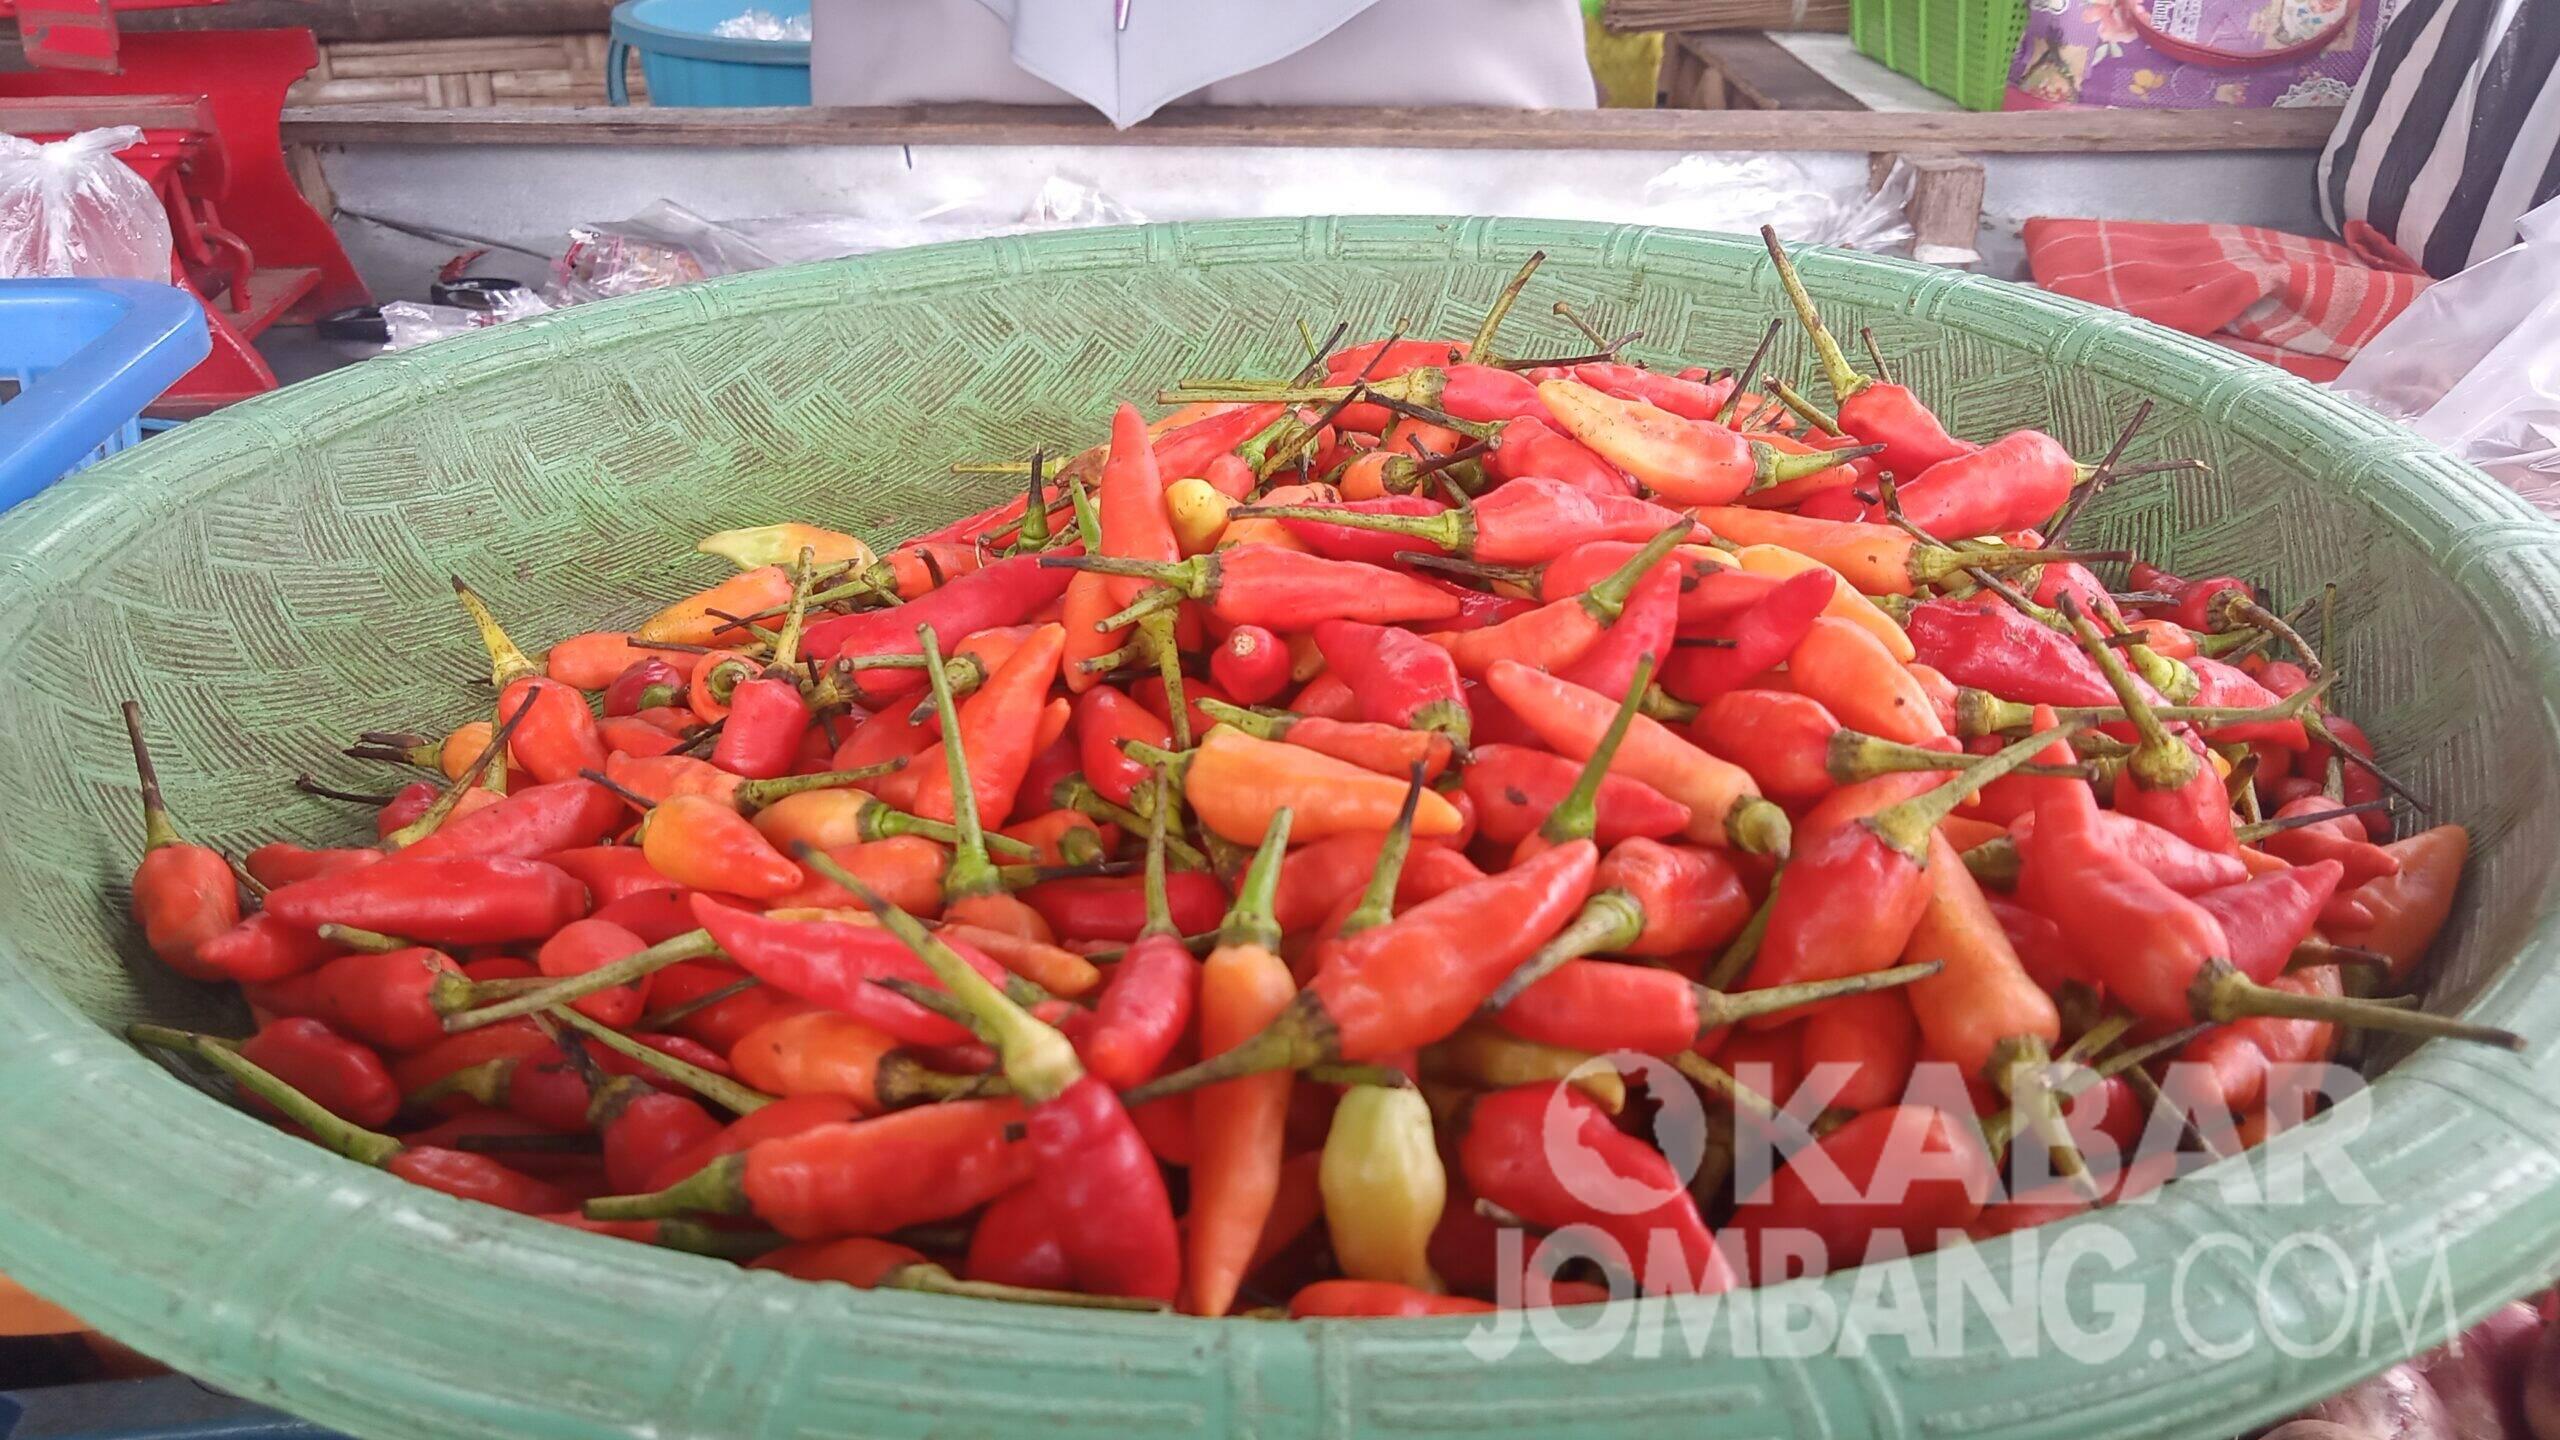 Cabai rawit. KabarJombang.com/Daniel Eko/